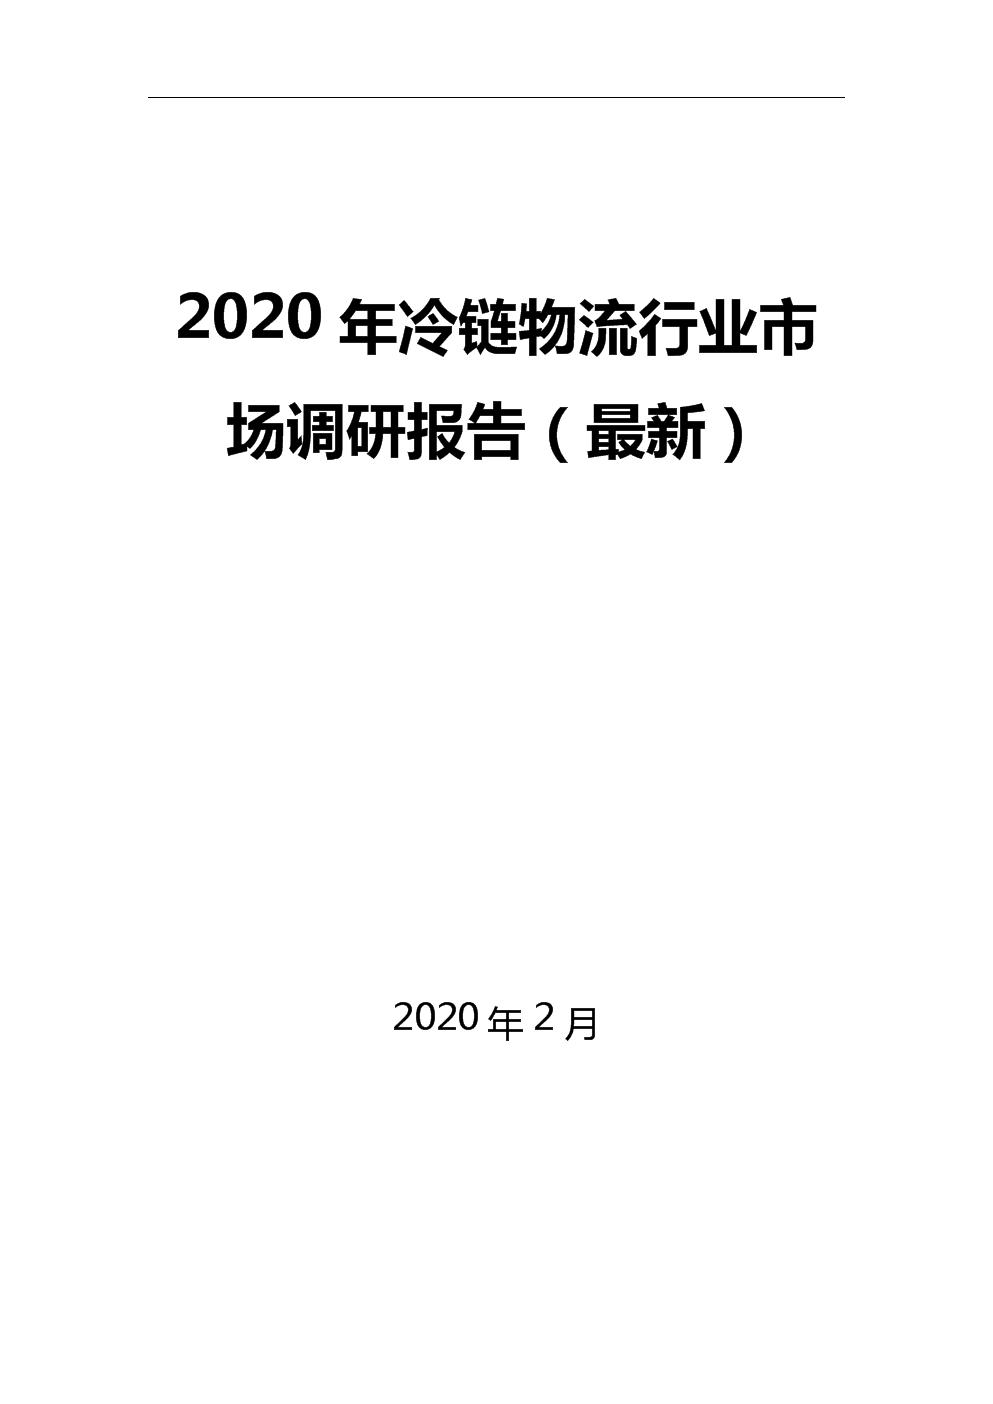 2020年冷链物流行业市场调研报告(最新).docx